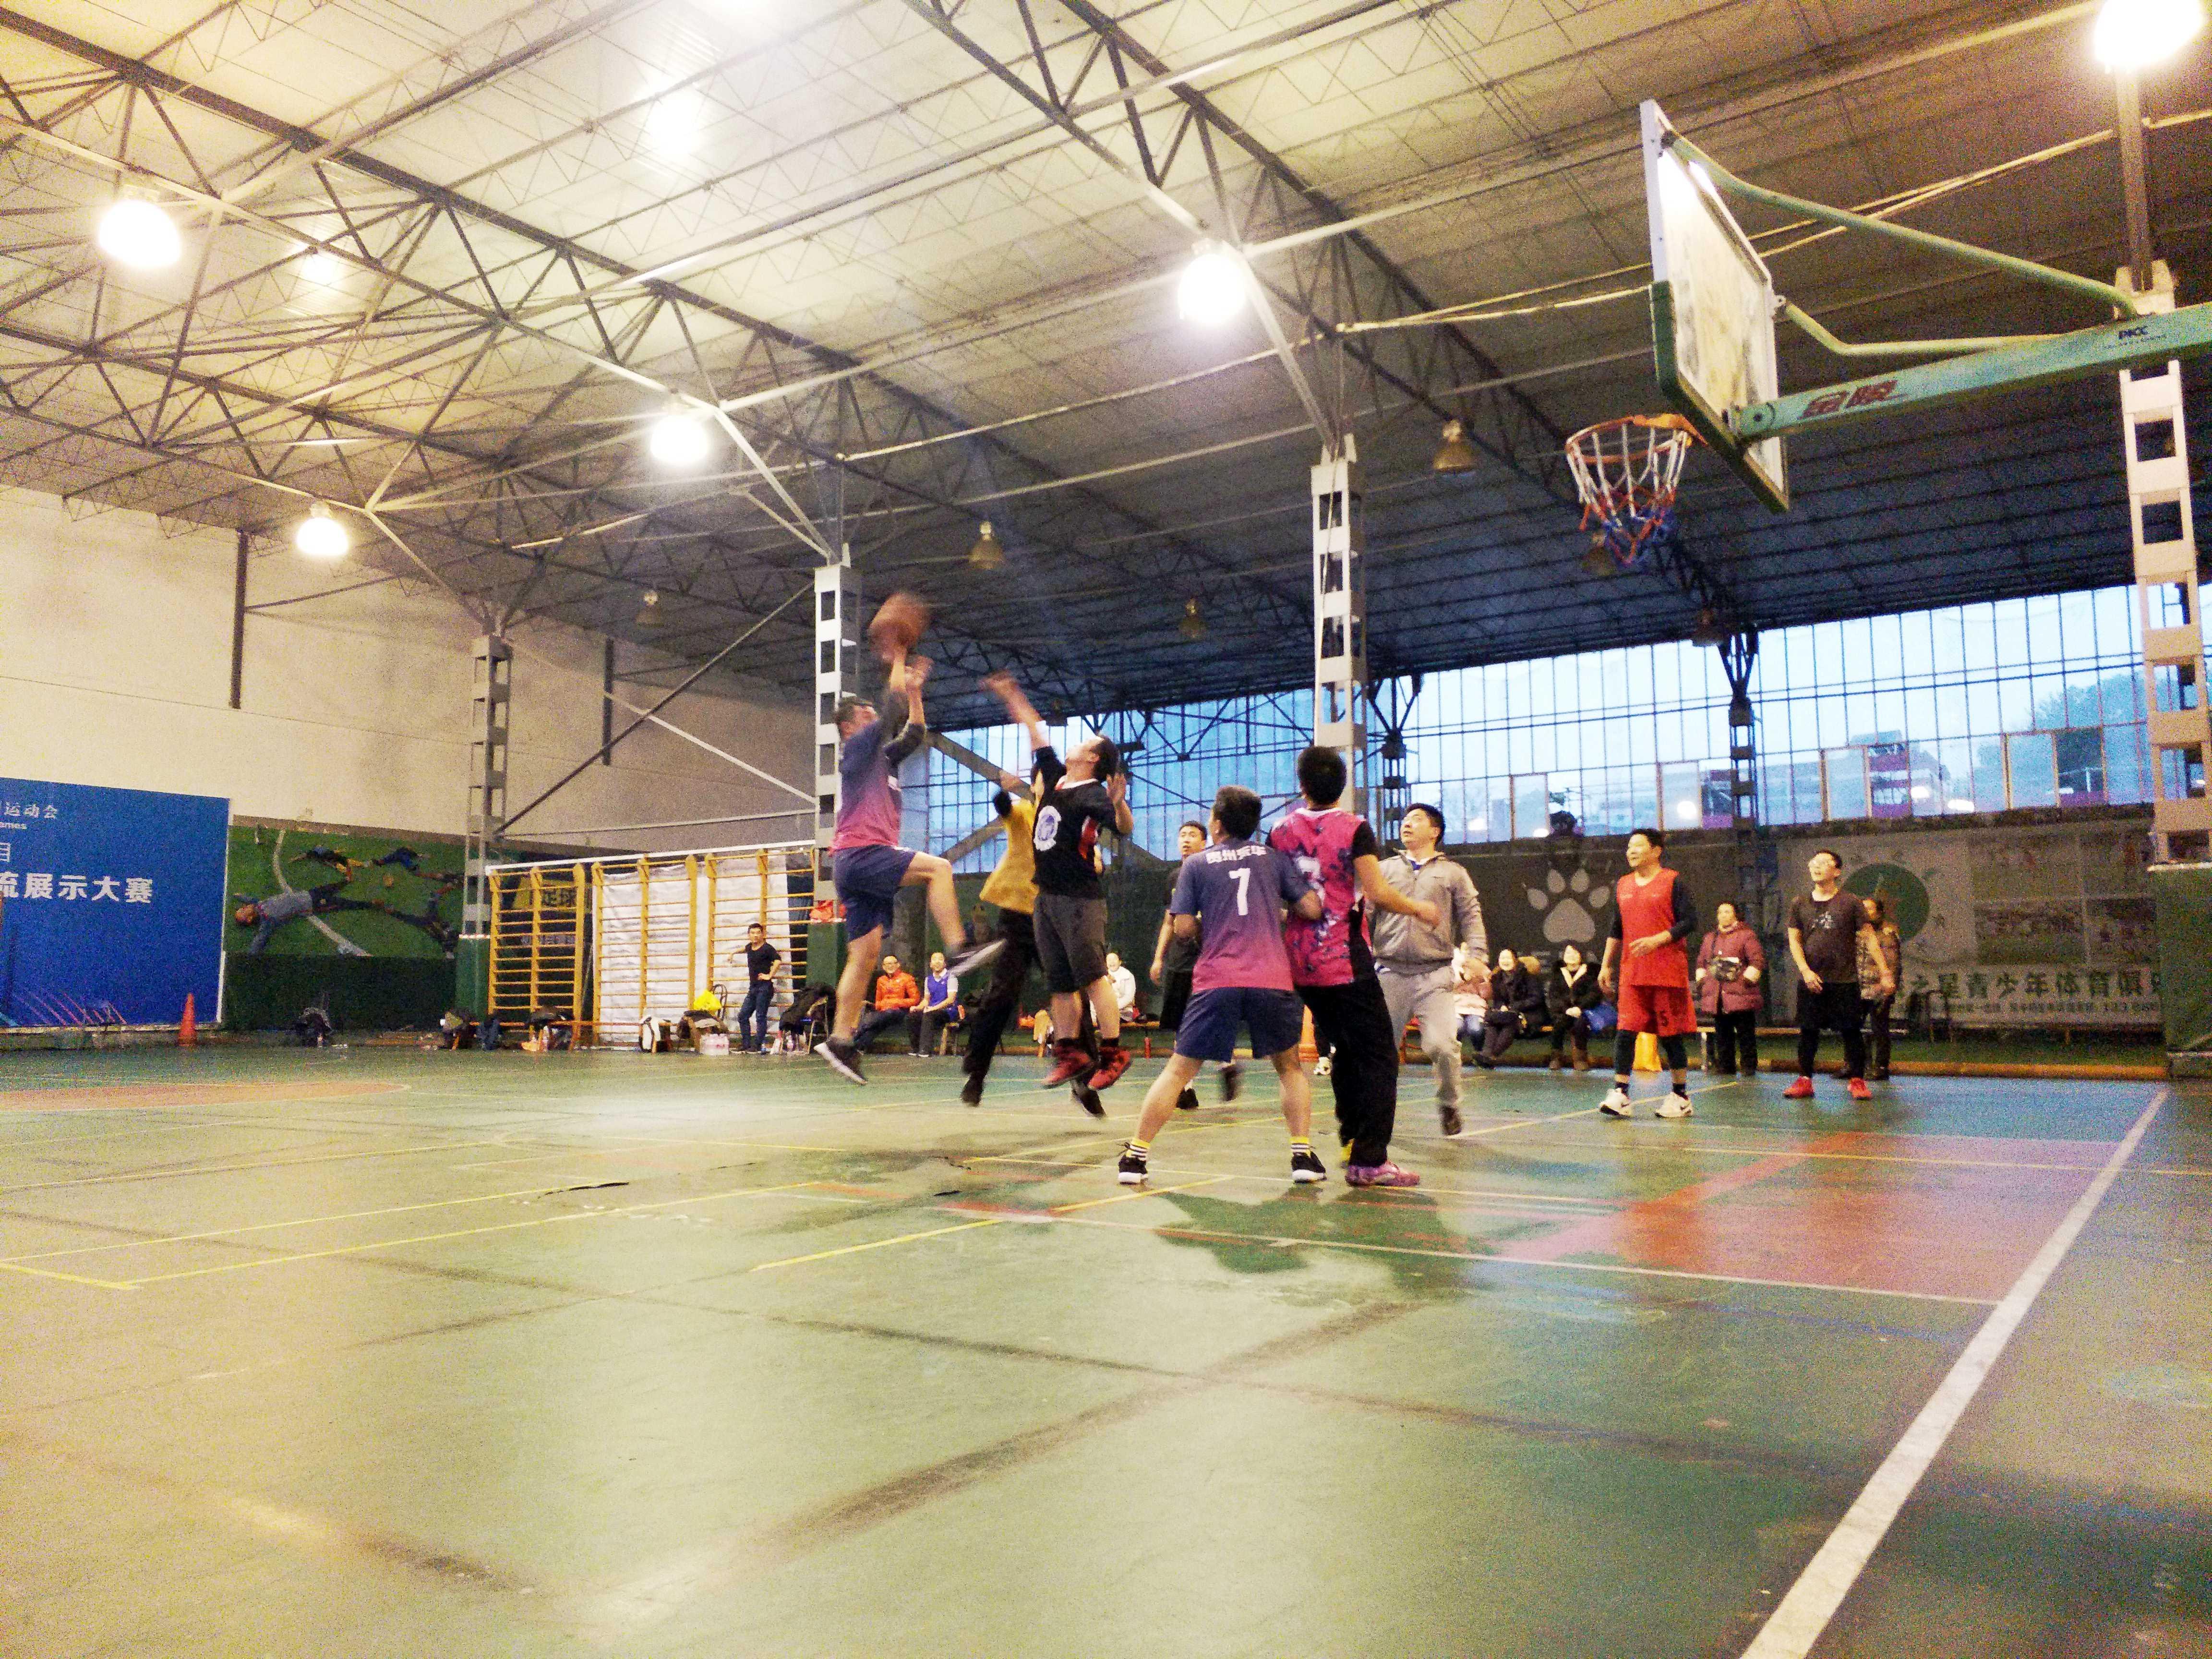 公司开展第二届篮球赛